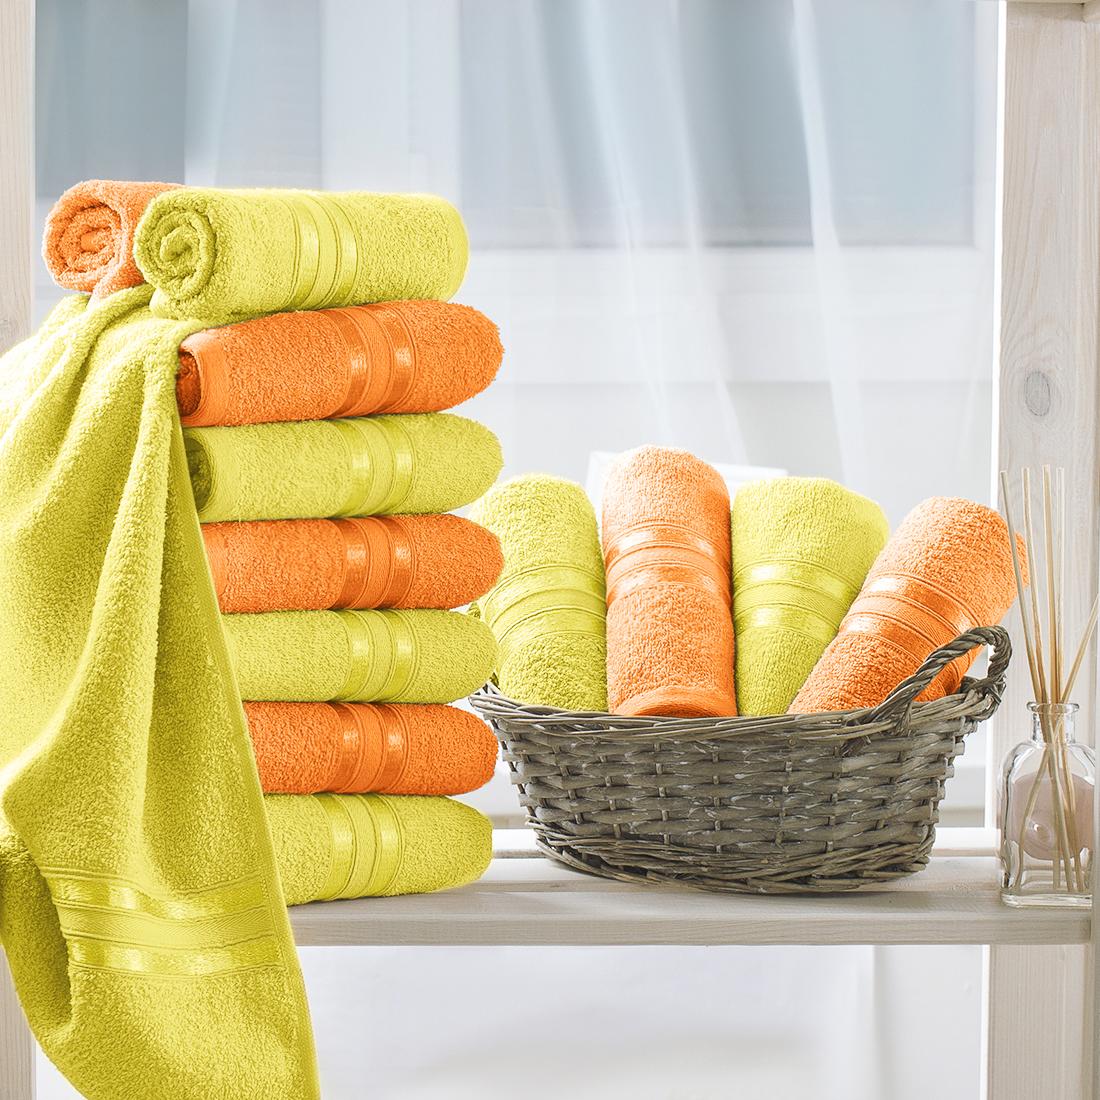 Полотенца Dome Полотенце для рук Harmonika Цвет: Желтый, Оранжевый (33х50 см - 12 шт) усилитель сопротивления для рук aqua sphere ergobells цвет оранжевый 2 шт